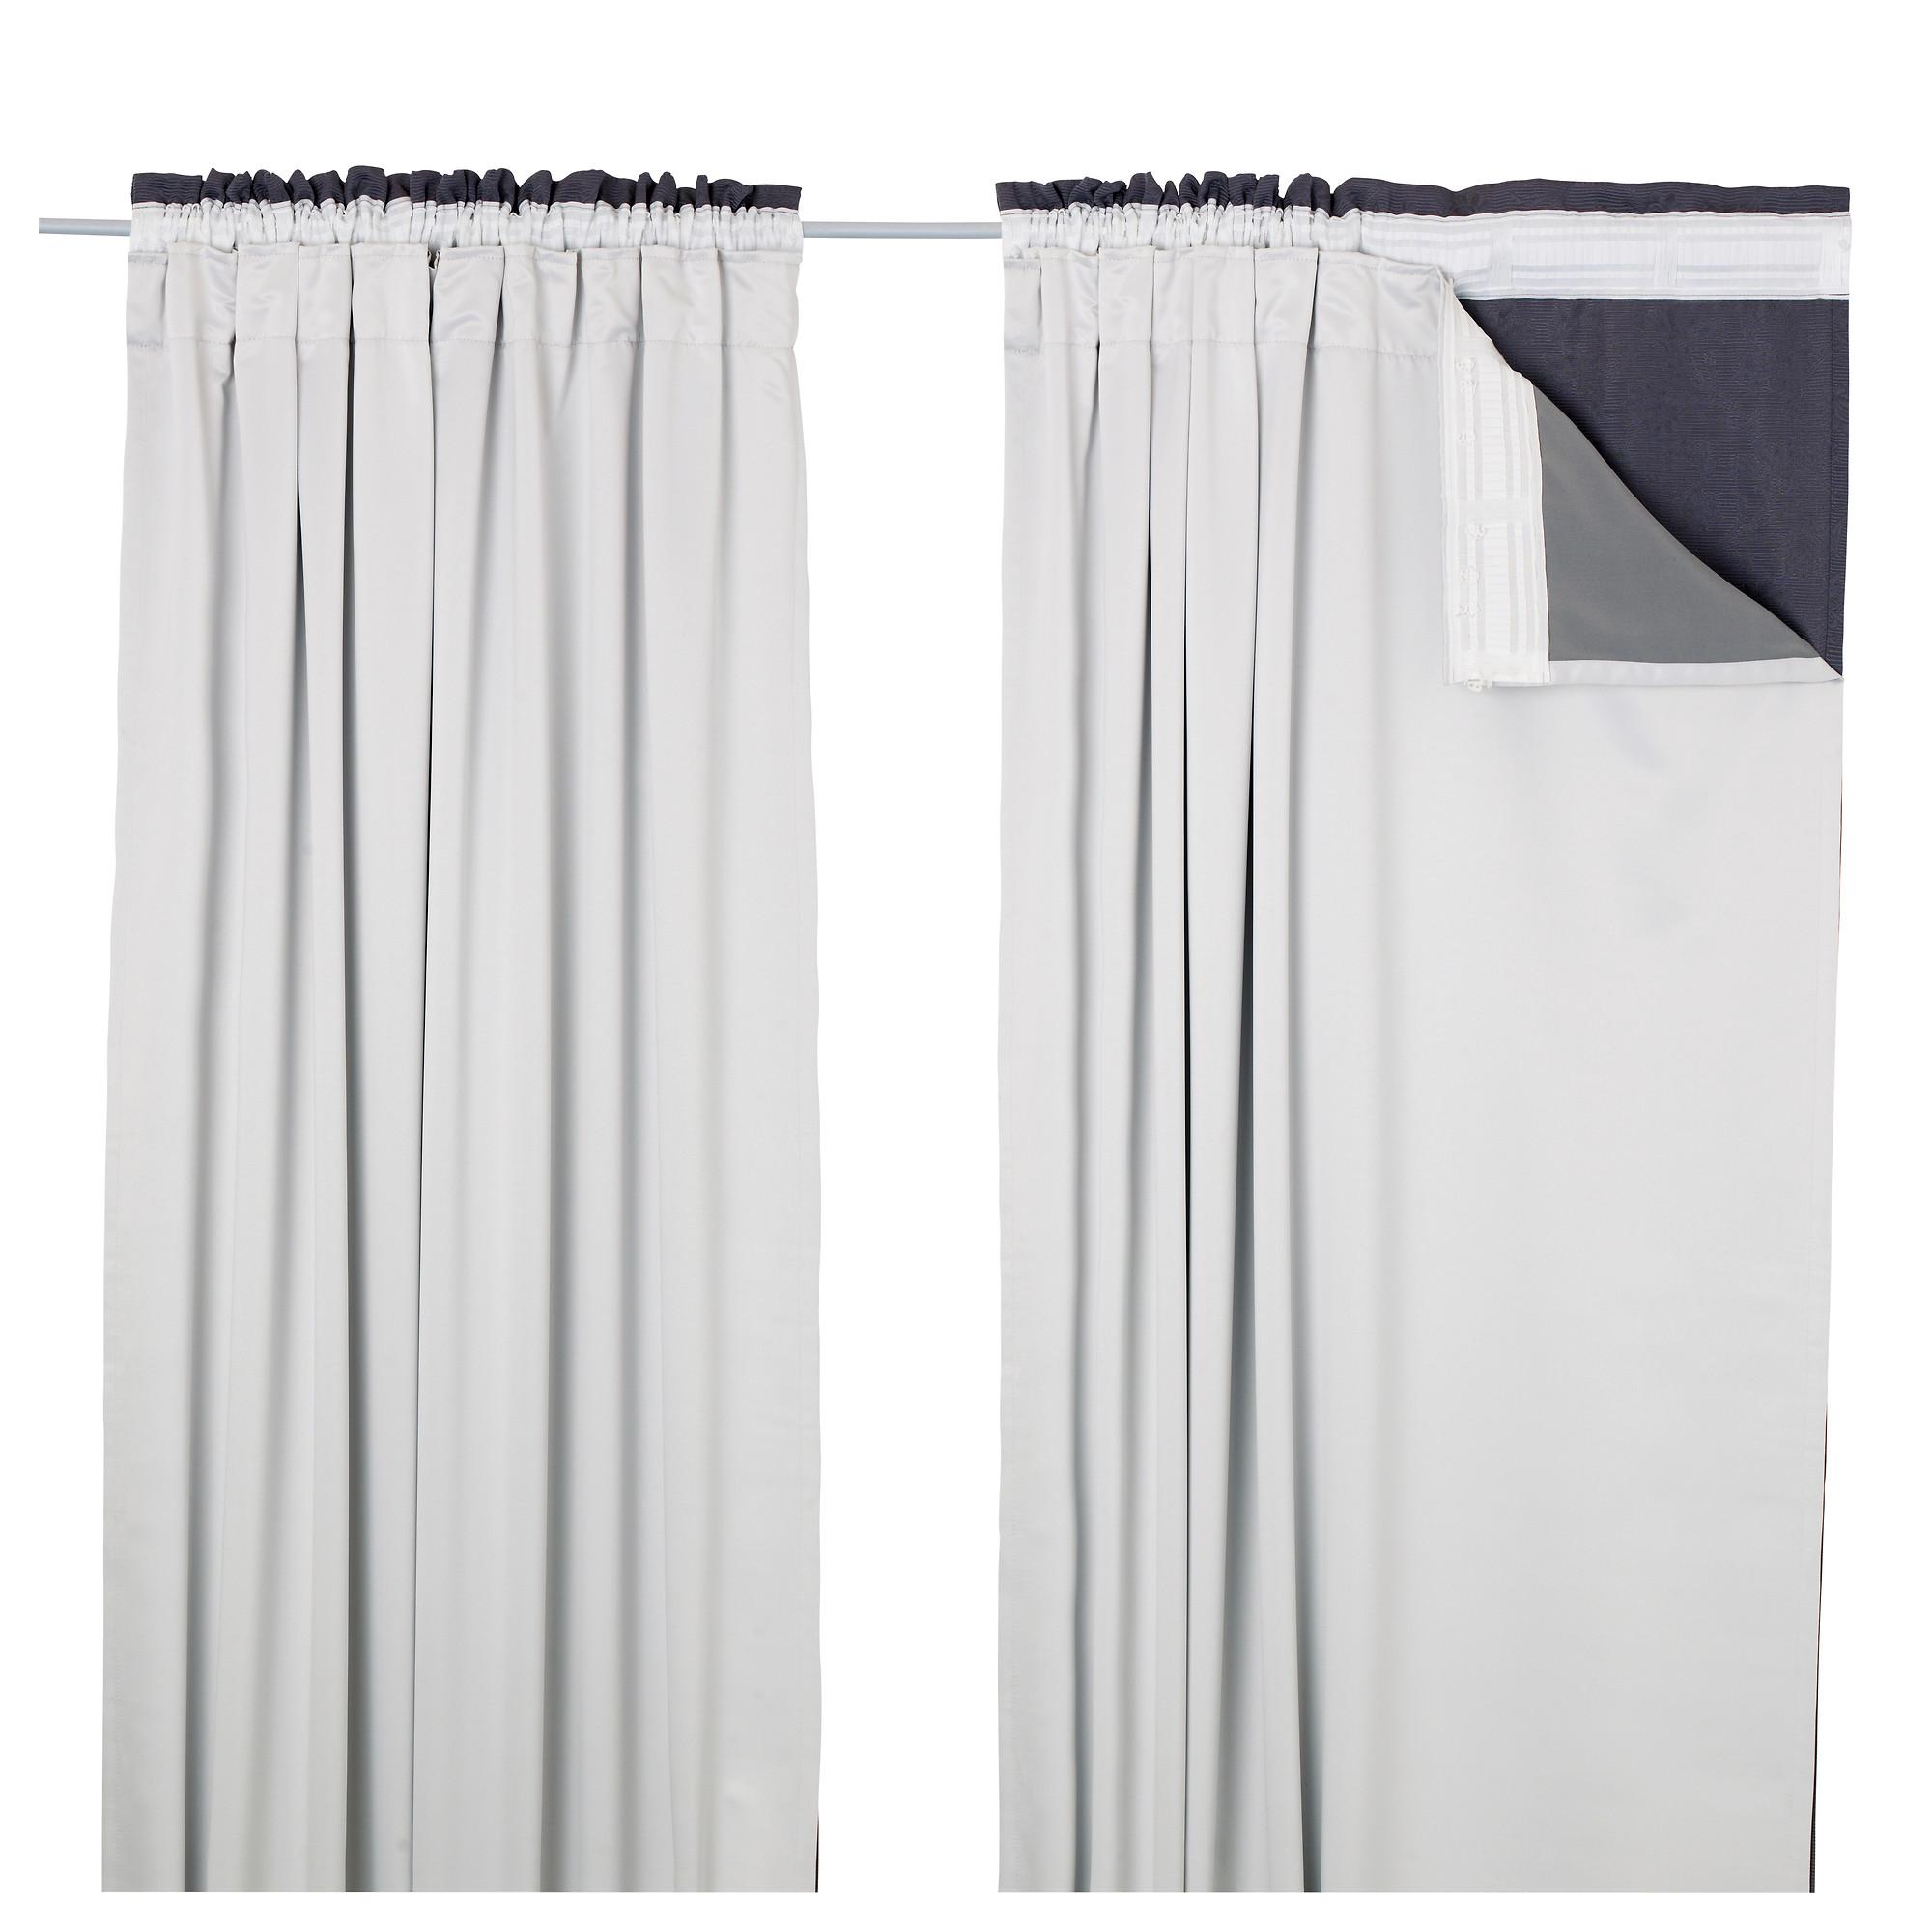 GlansnÄva Curtain Liners 1 Pair Light Grey Ikea Hong Kong